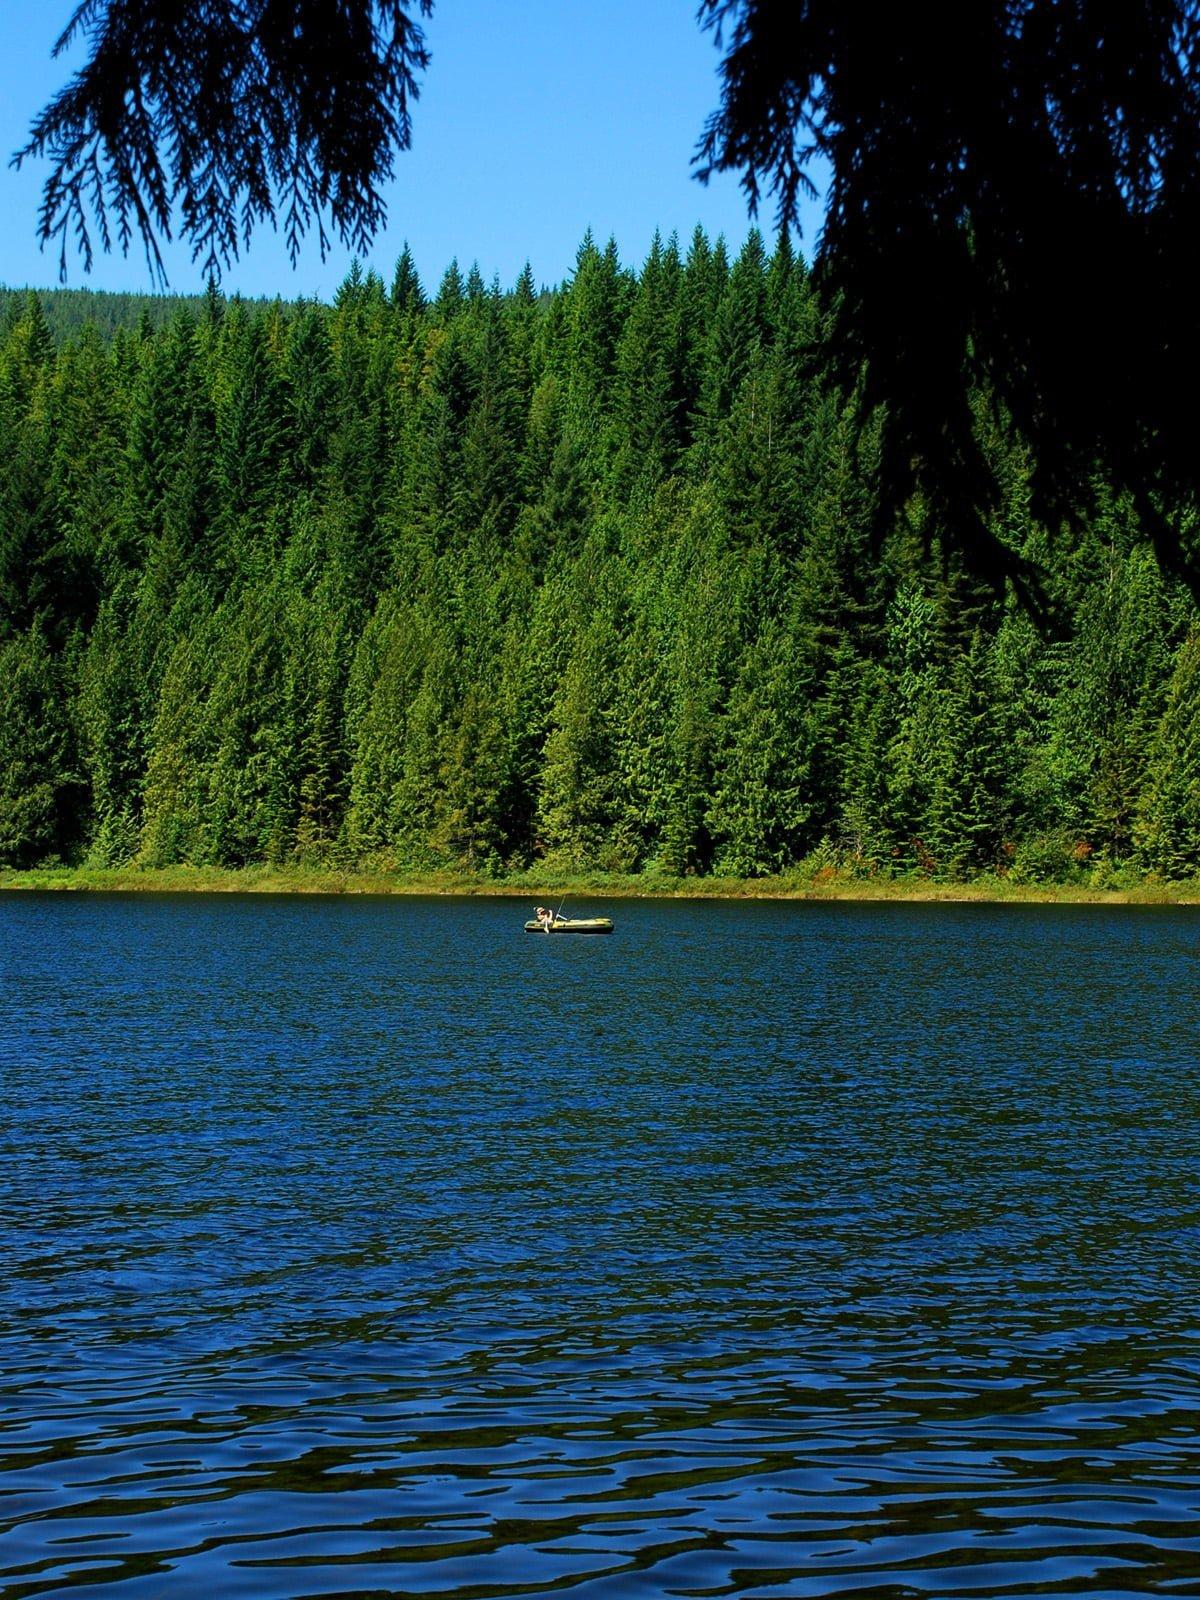 göl görüntüleri – 2